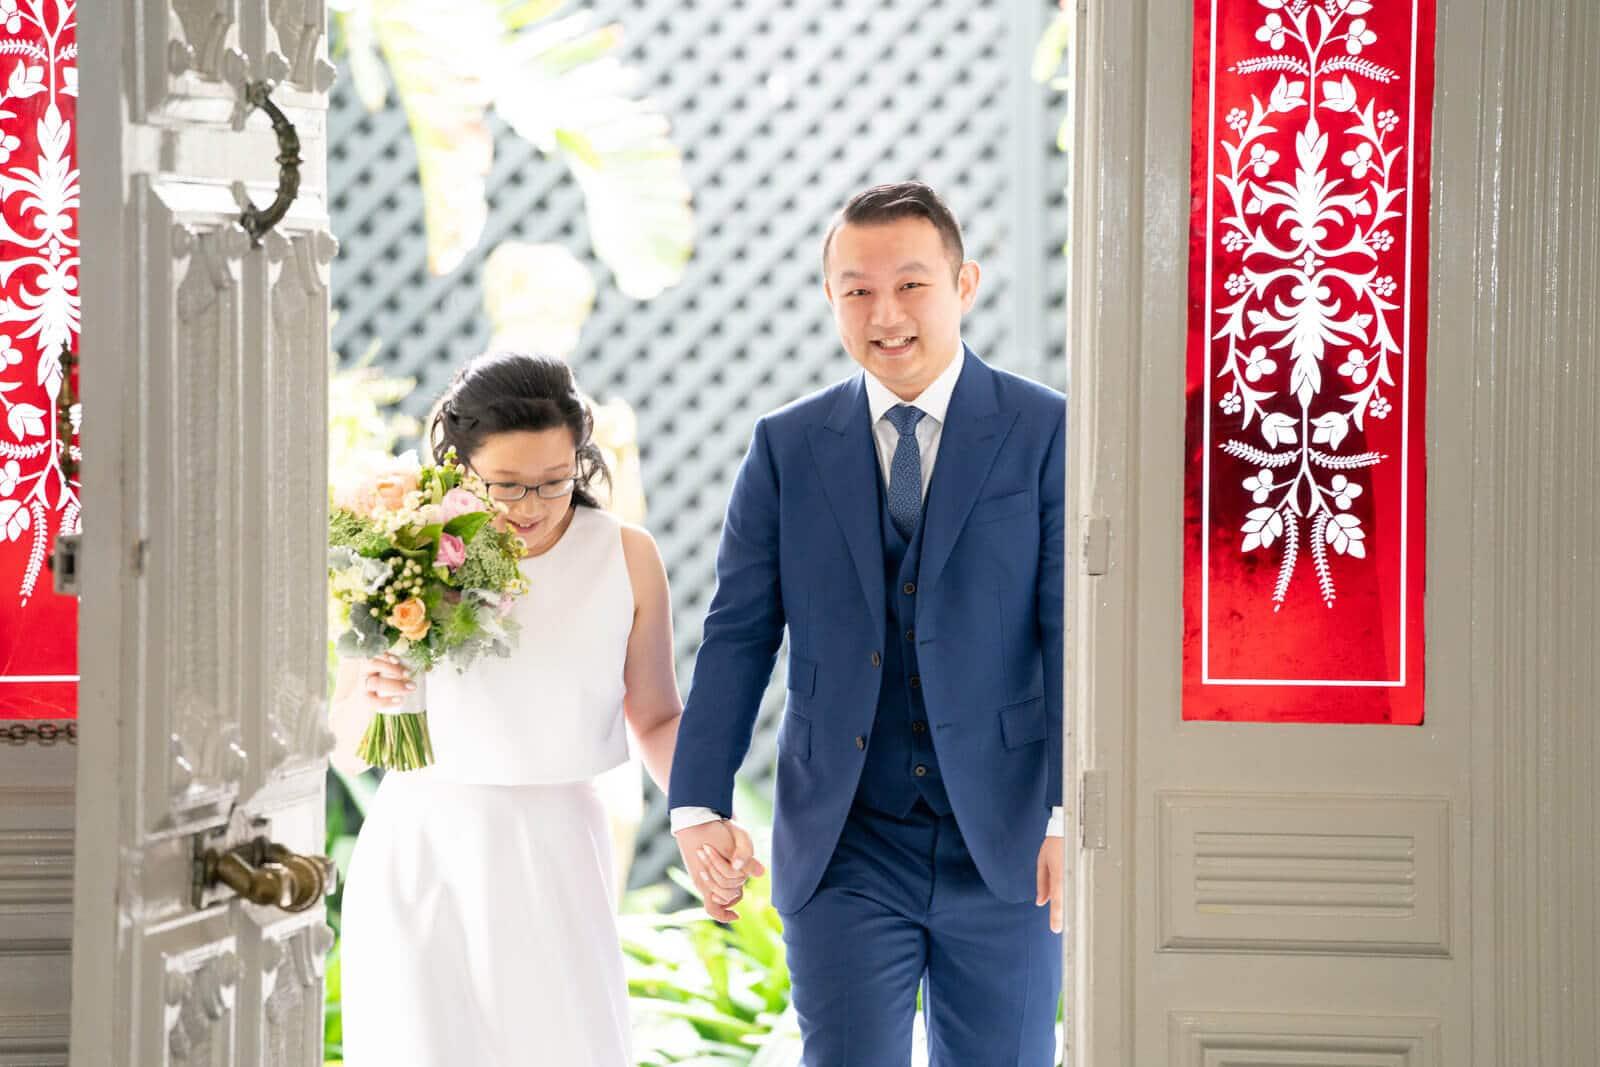 Quat Quatta | Wedding Reception Entrance